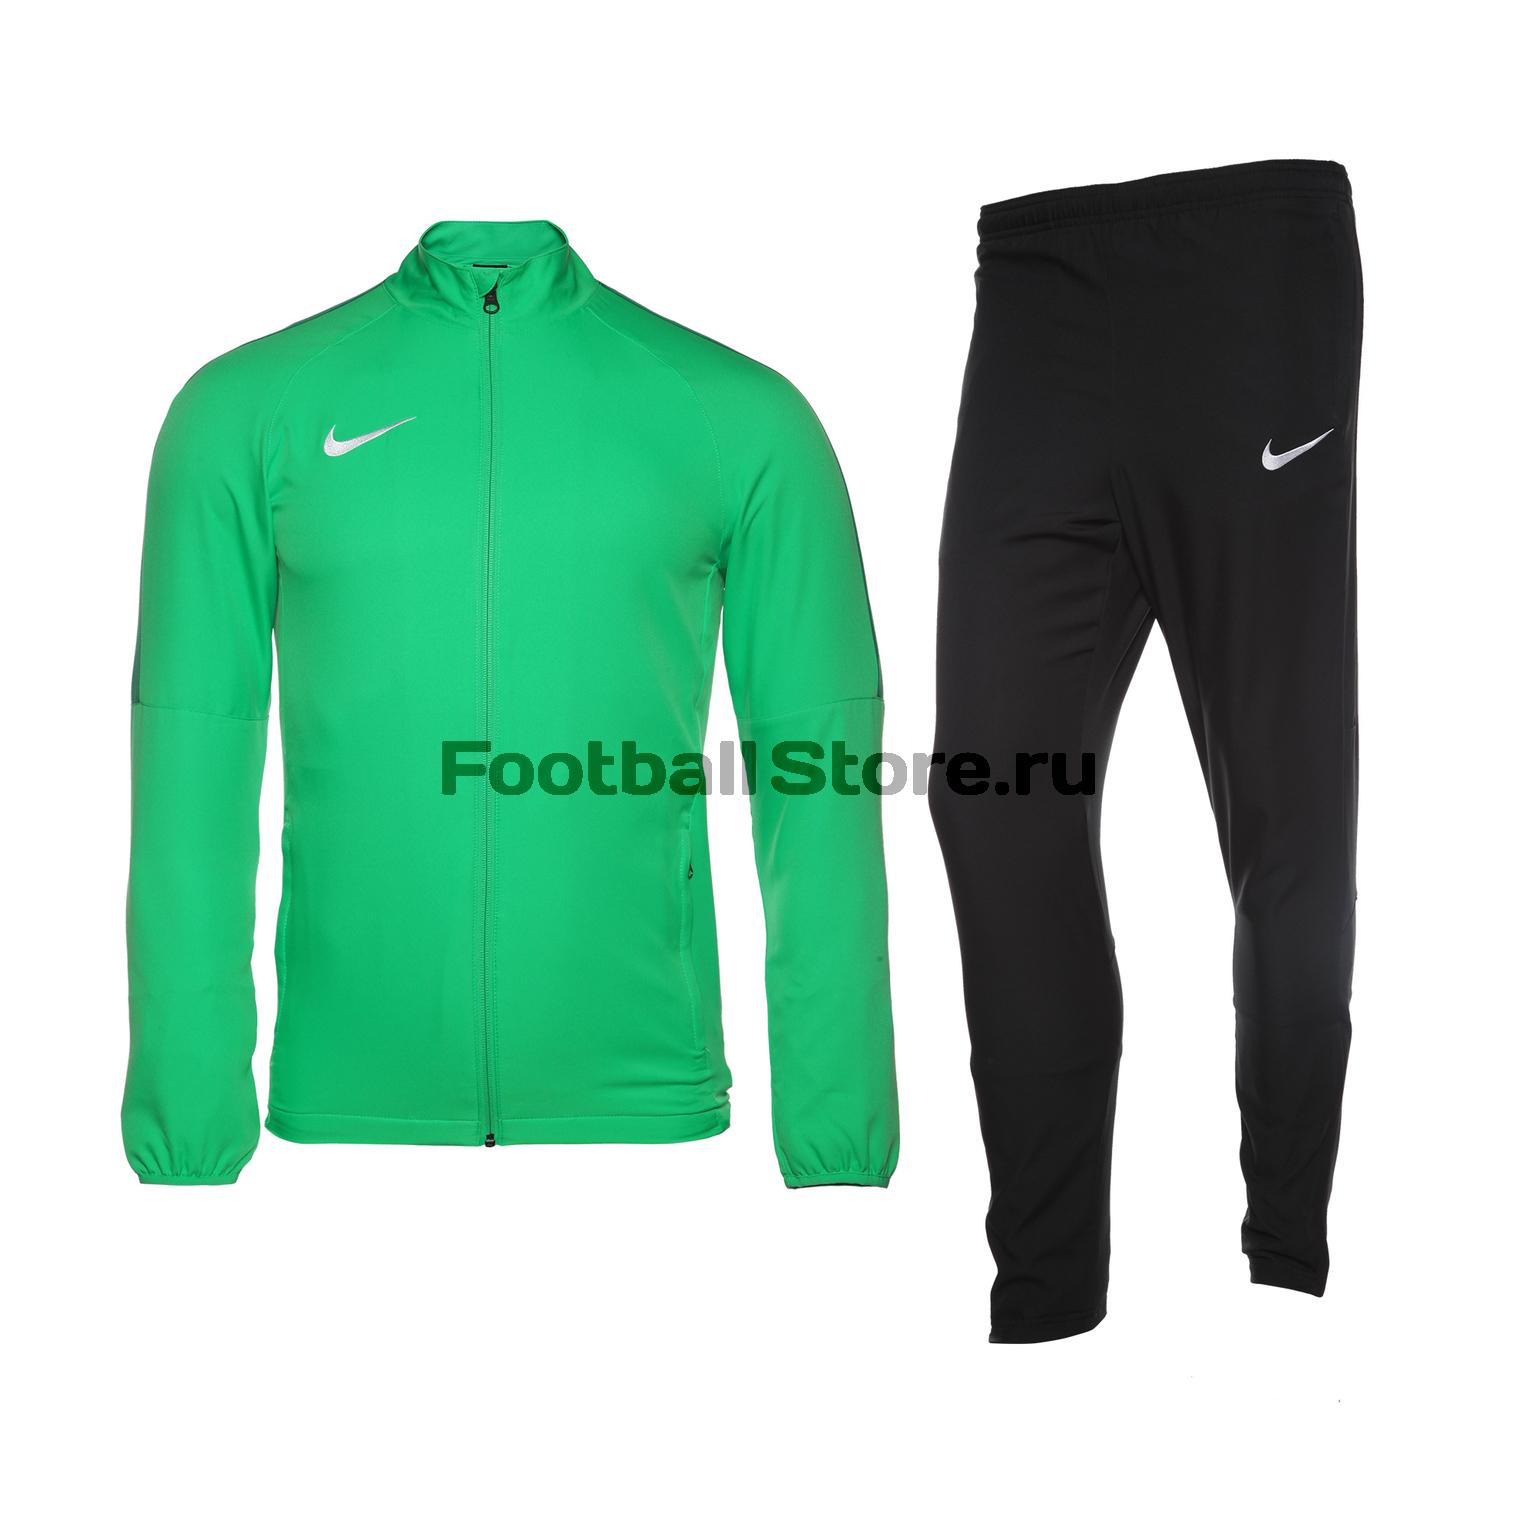 Костюм спортивный Nike Dry Academy18 TRK Suit W 893709-361 костюм спортивный nike m dry acdmy trk suit 844327 451